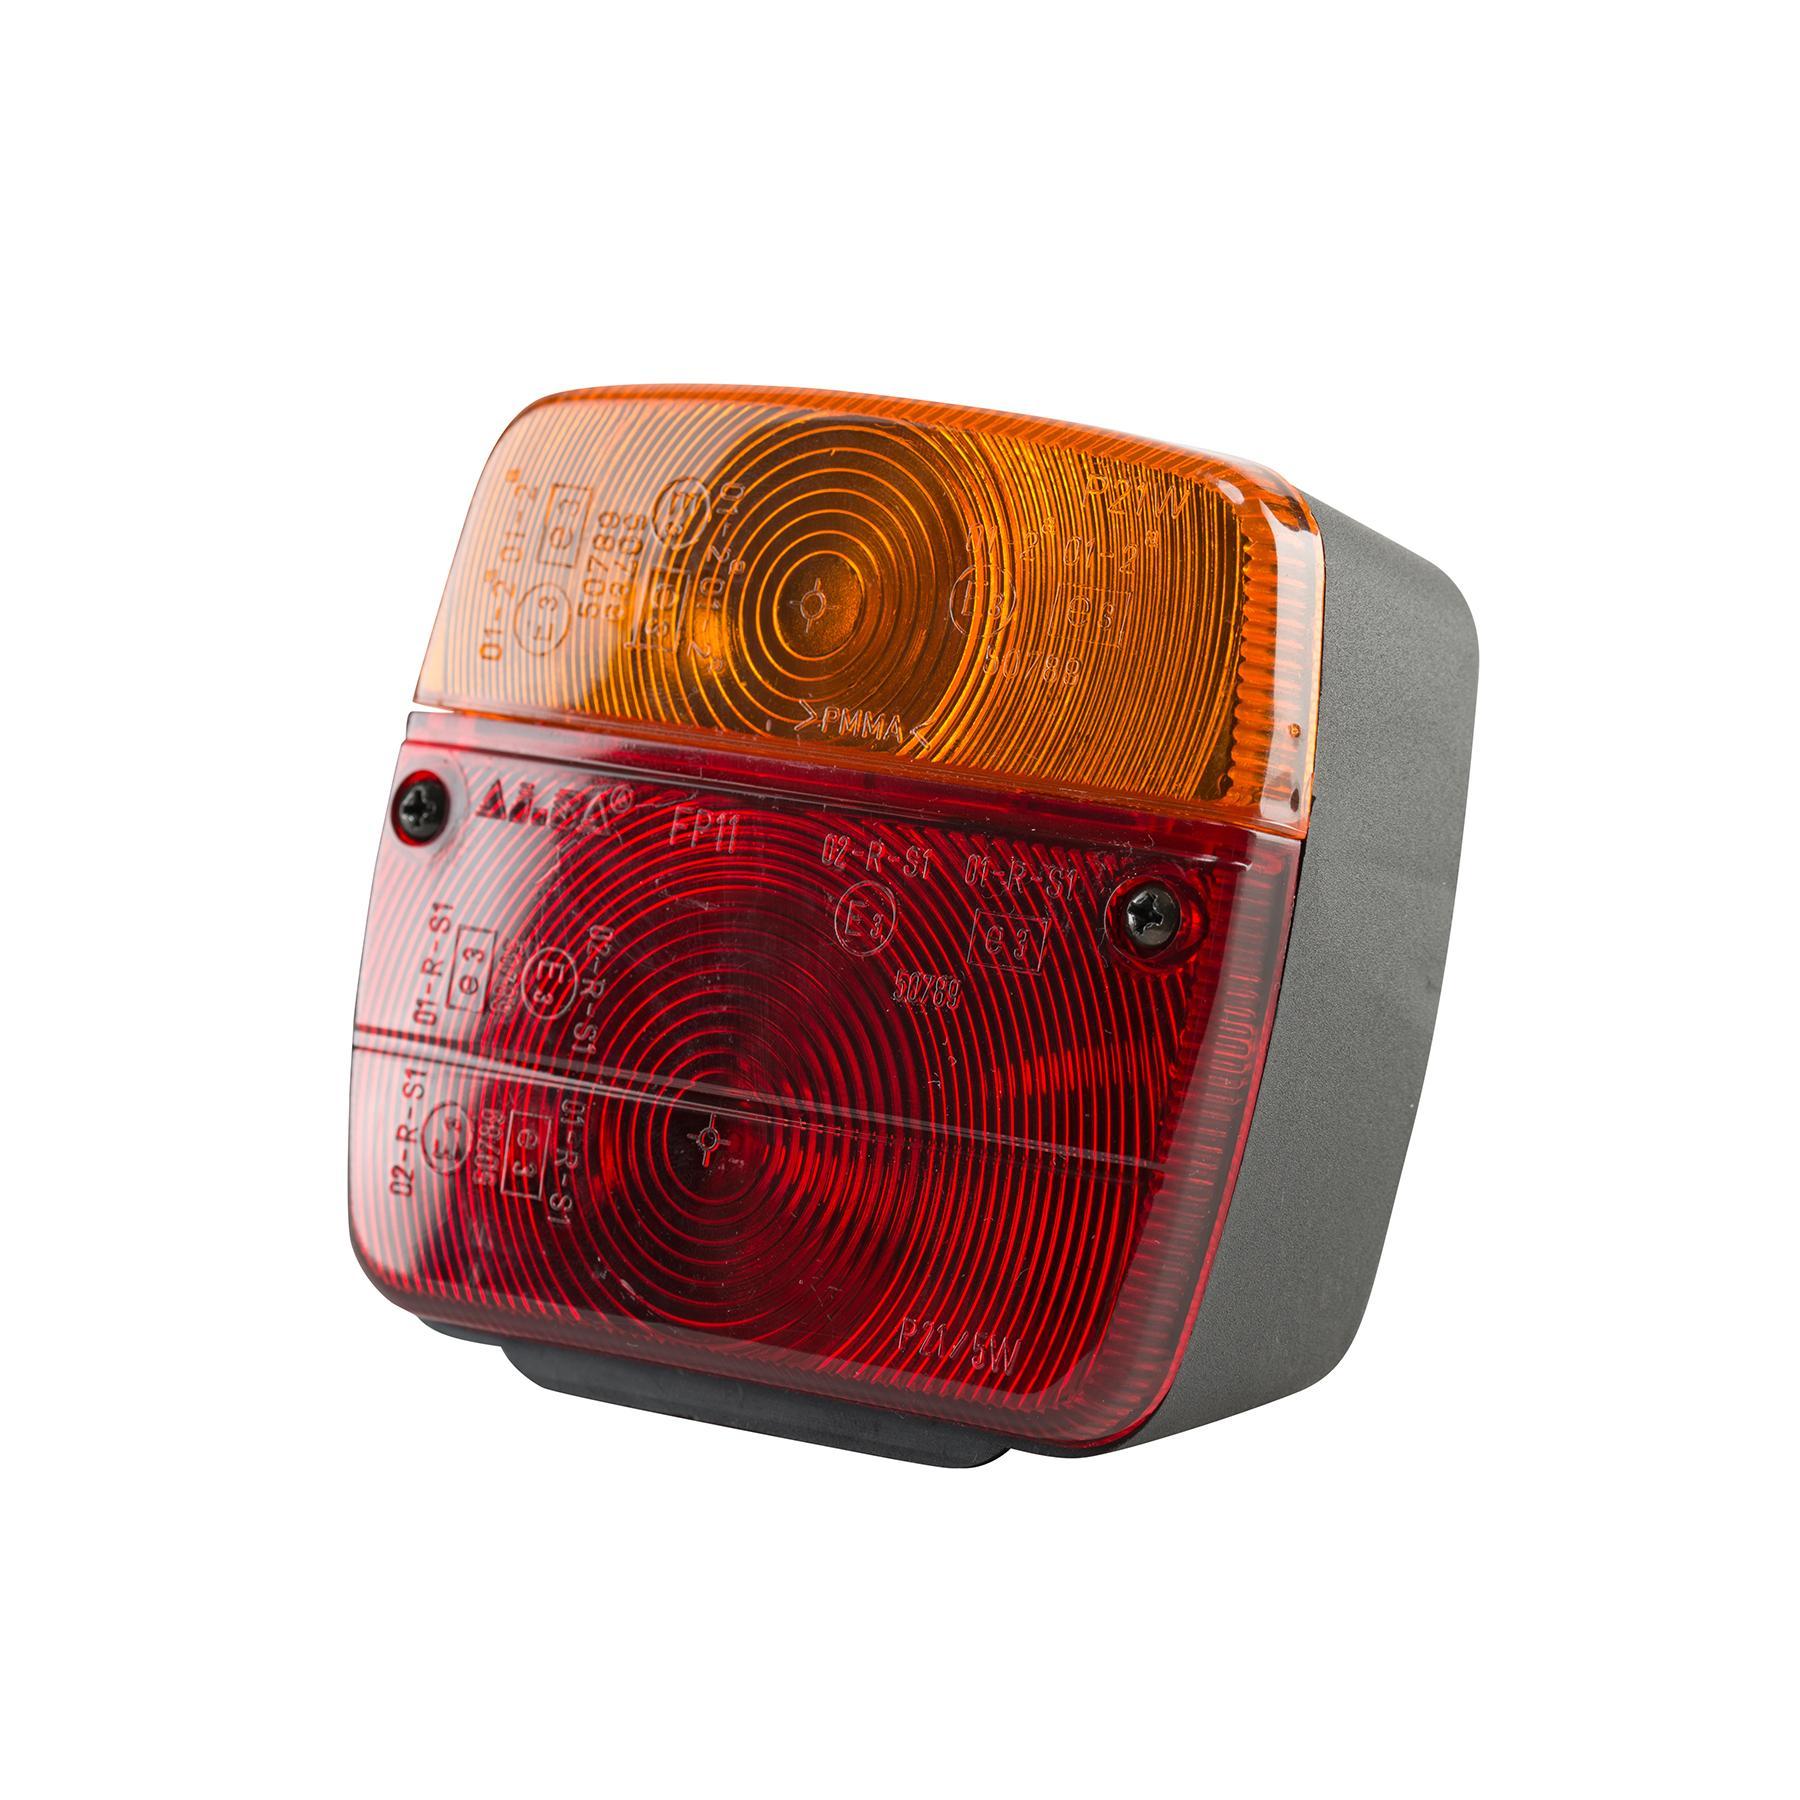 Acquisti XL Luce posteriore 553911 furgone